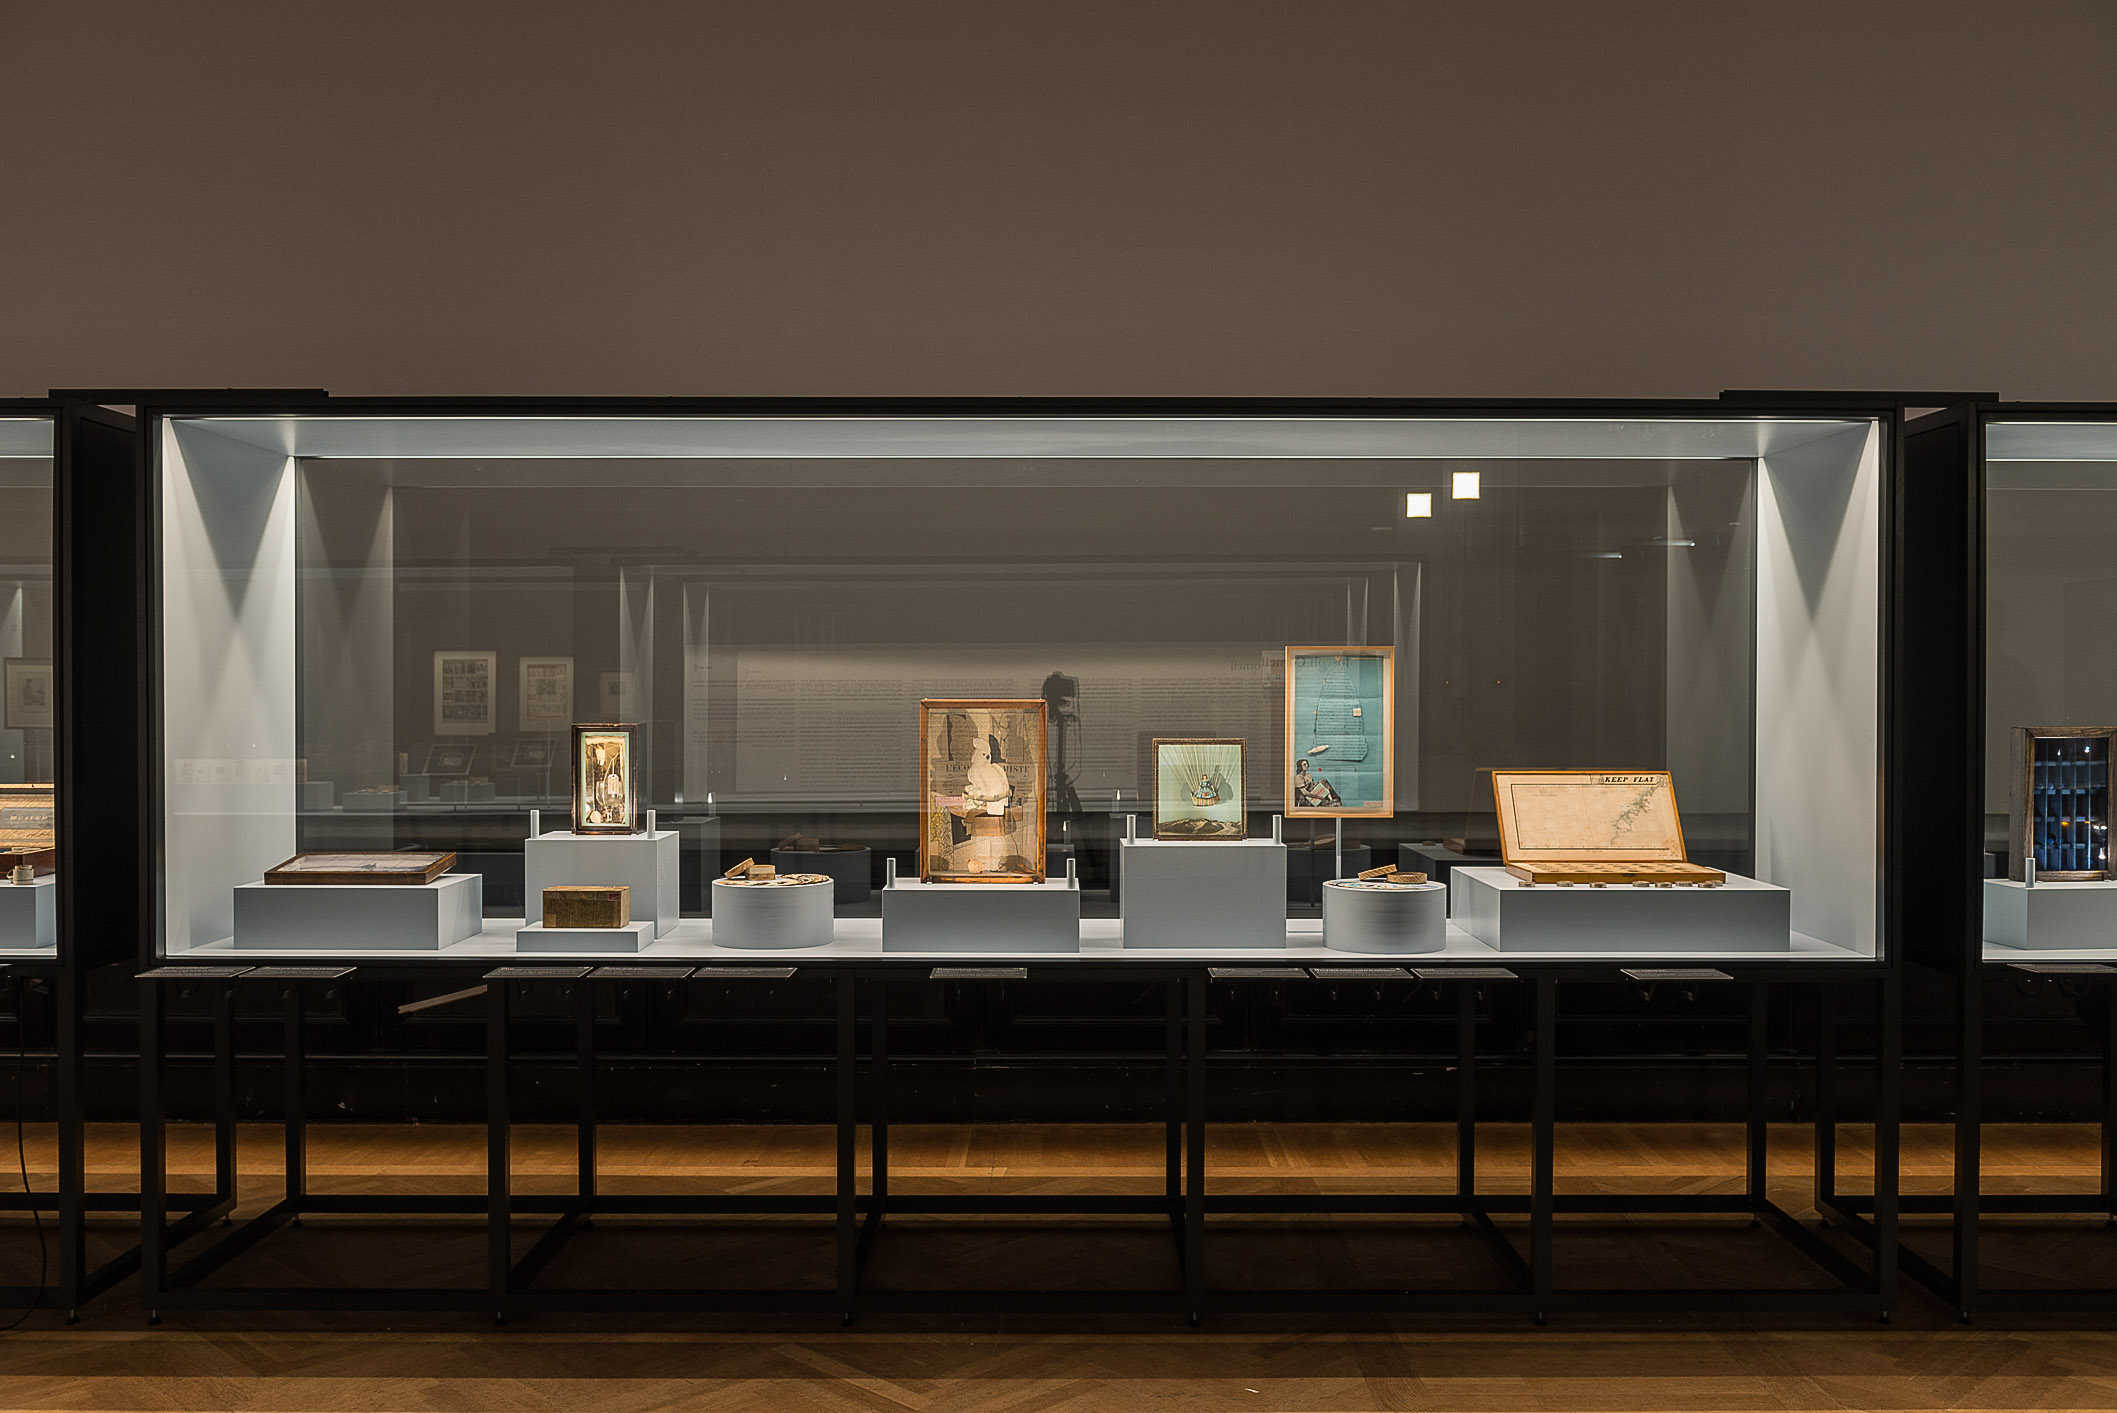 Ausstellungsansicht © The Joseph and Robert Cornell Memorial Foundation / Bildrecht, Wien, 2015 Photo: KHM-Museumsverband